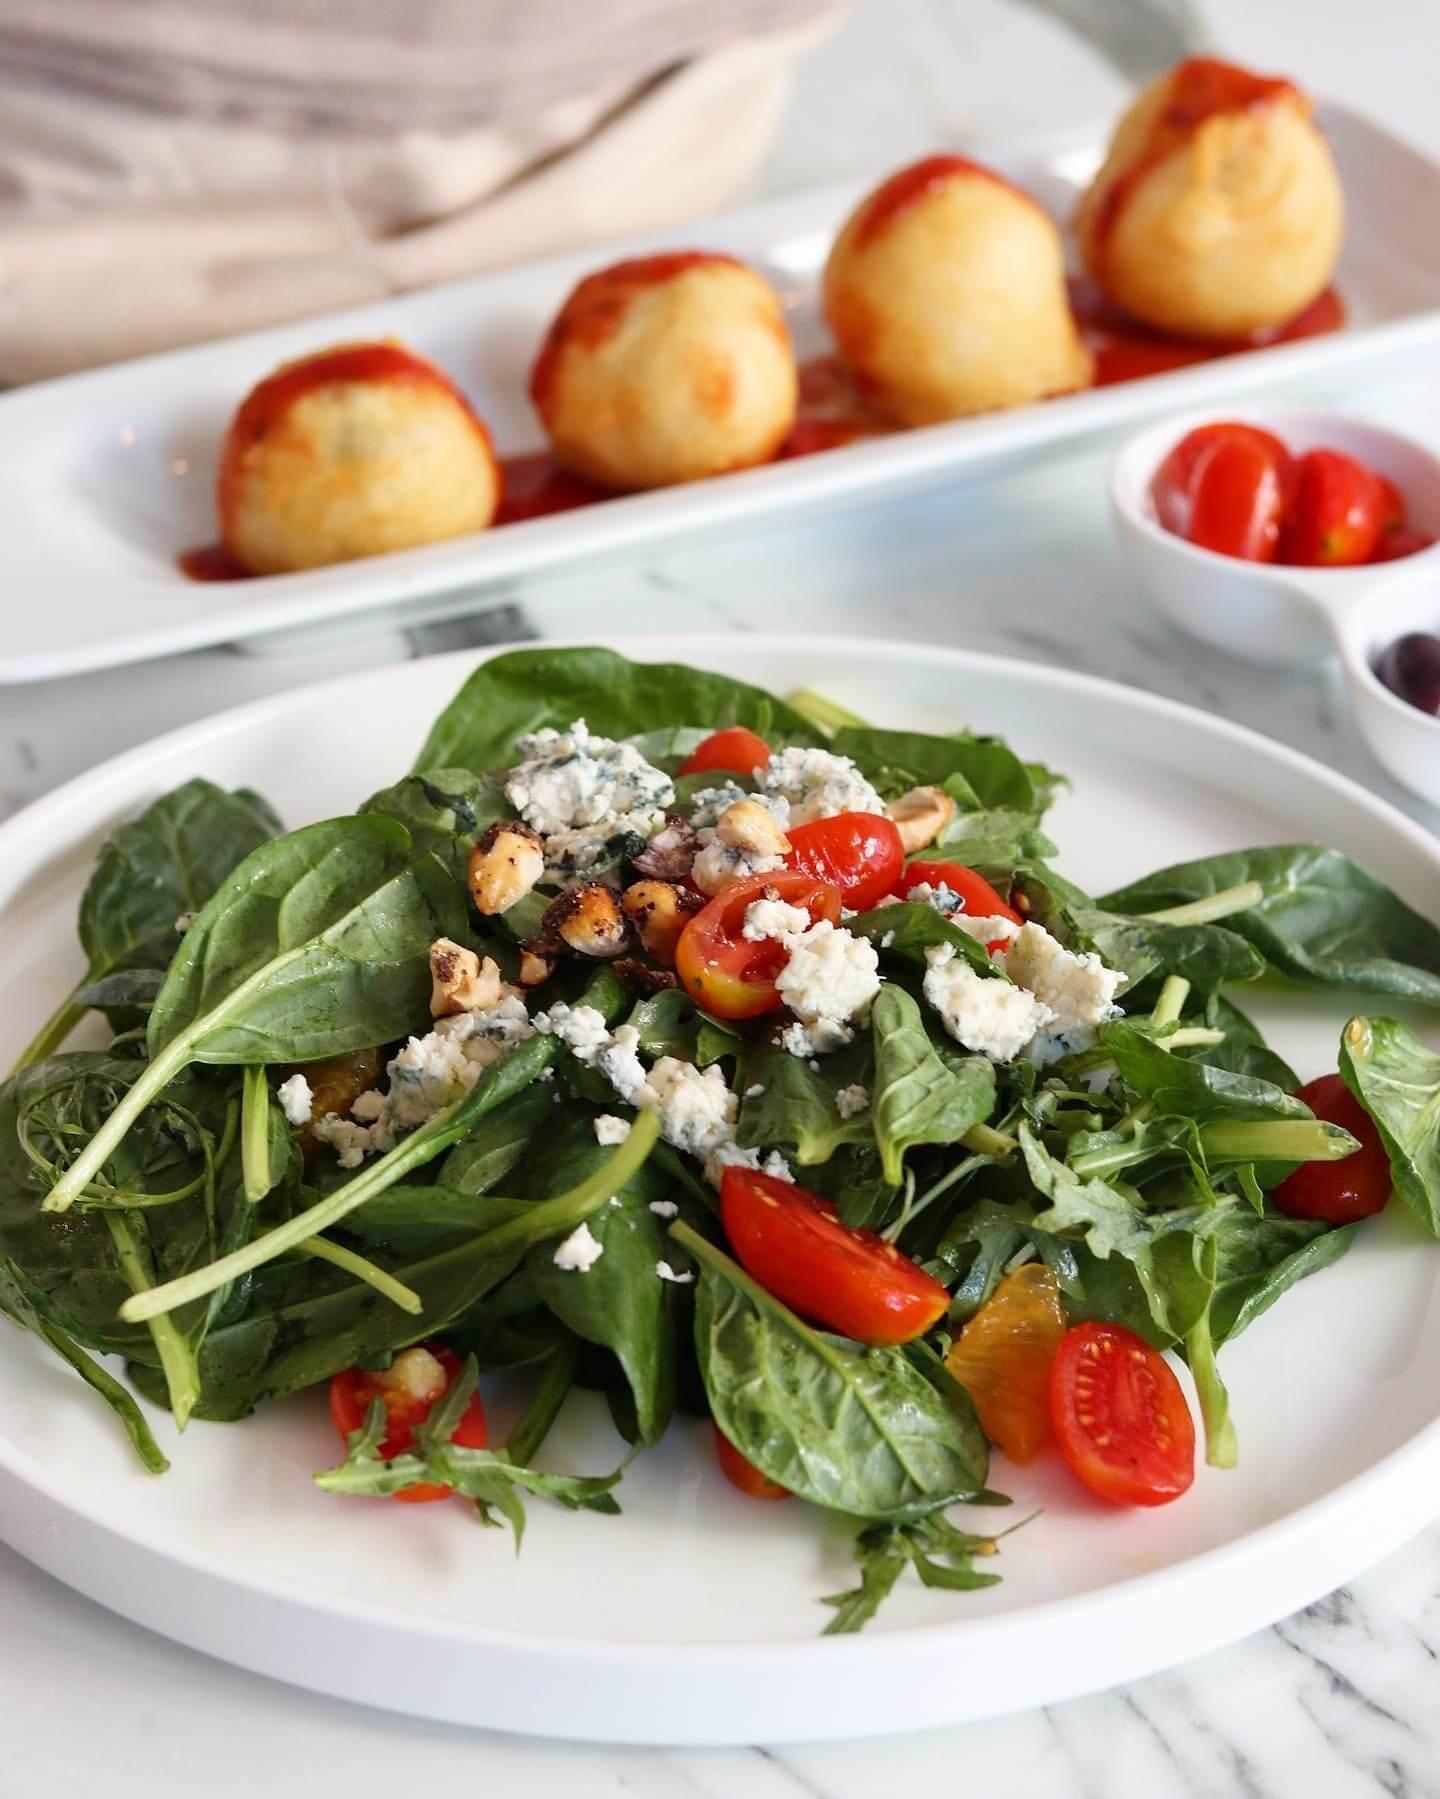 mikres-kyklades-koufonisia-salata